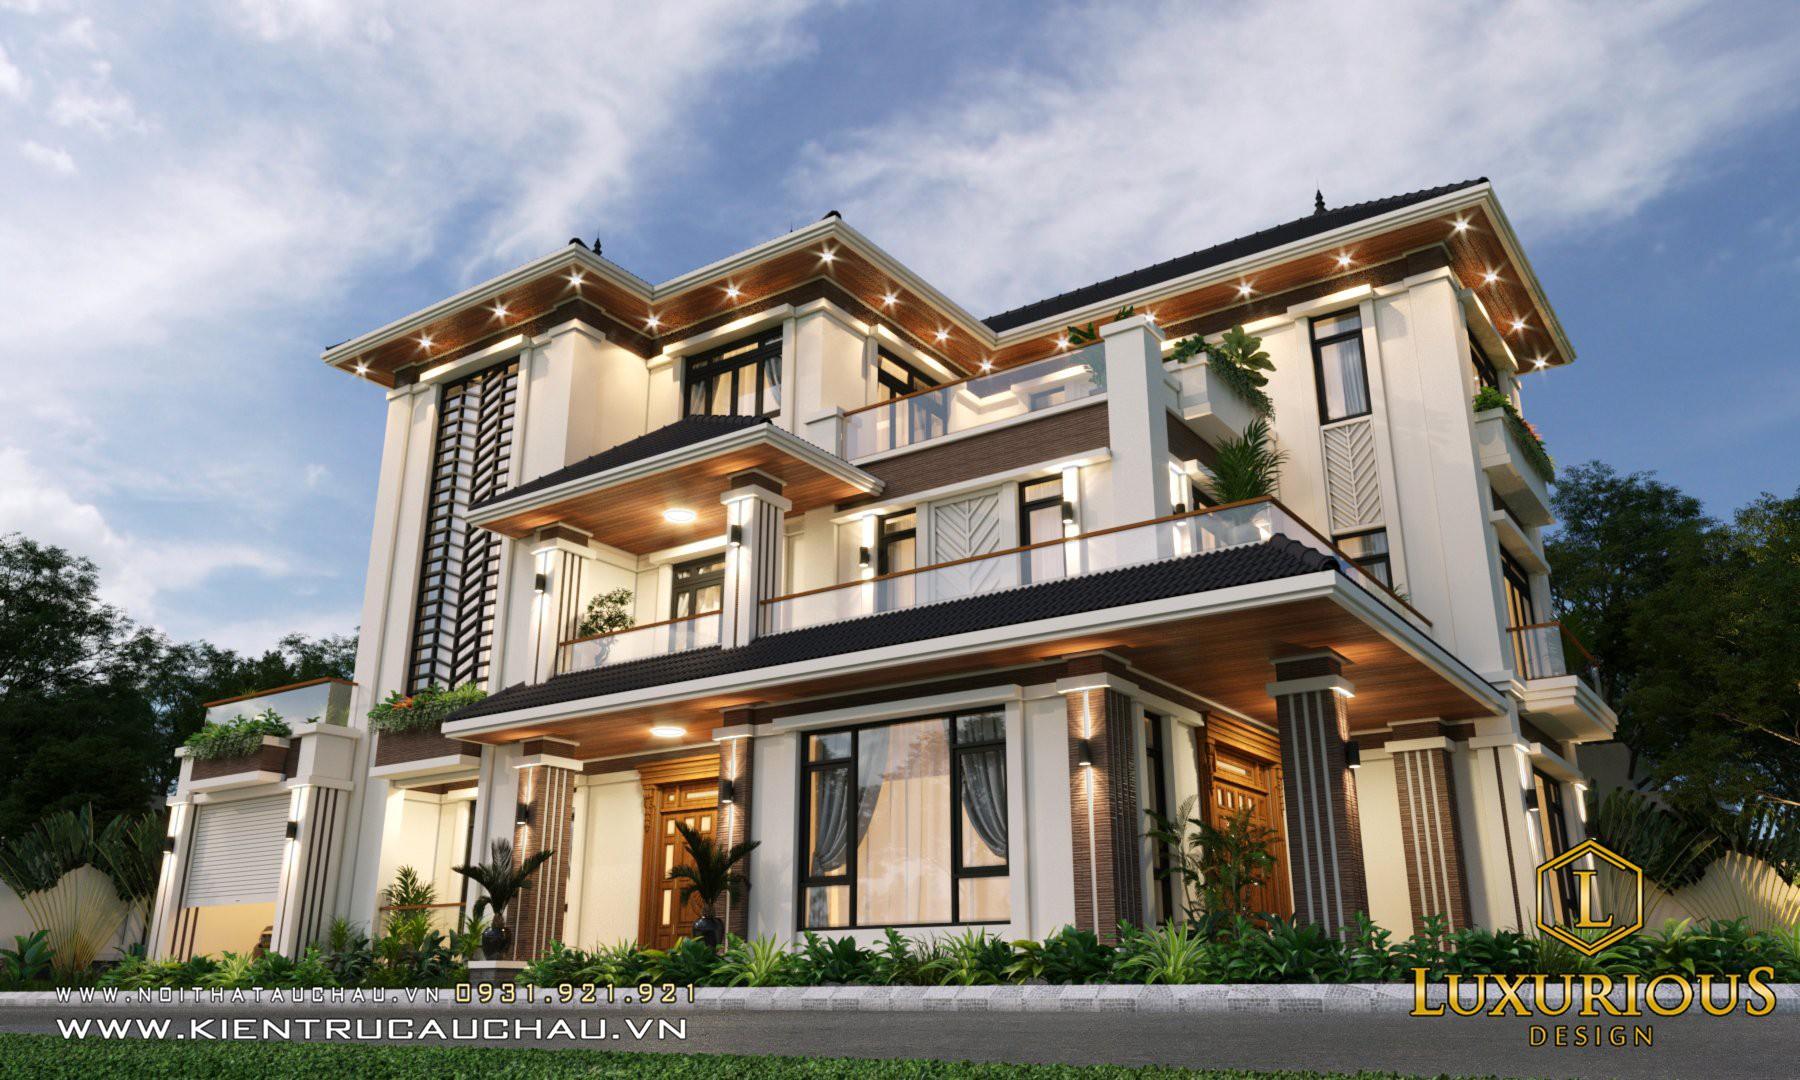 Thiết kế kiến trúc biệt thự phố với hệ thống đèn chiếu sáng được bố trí